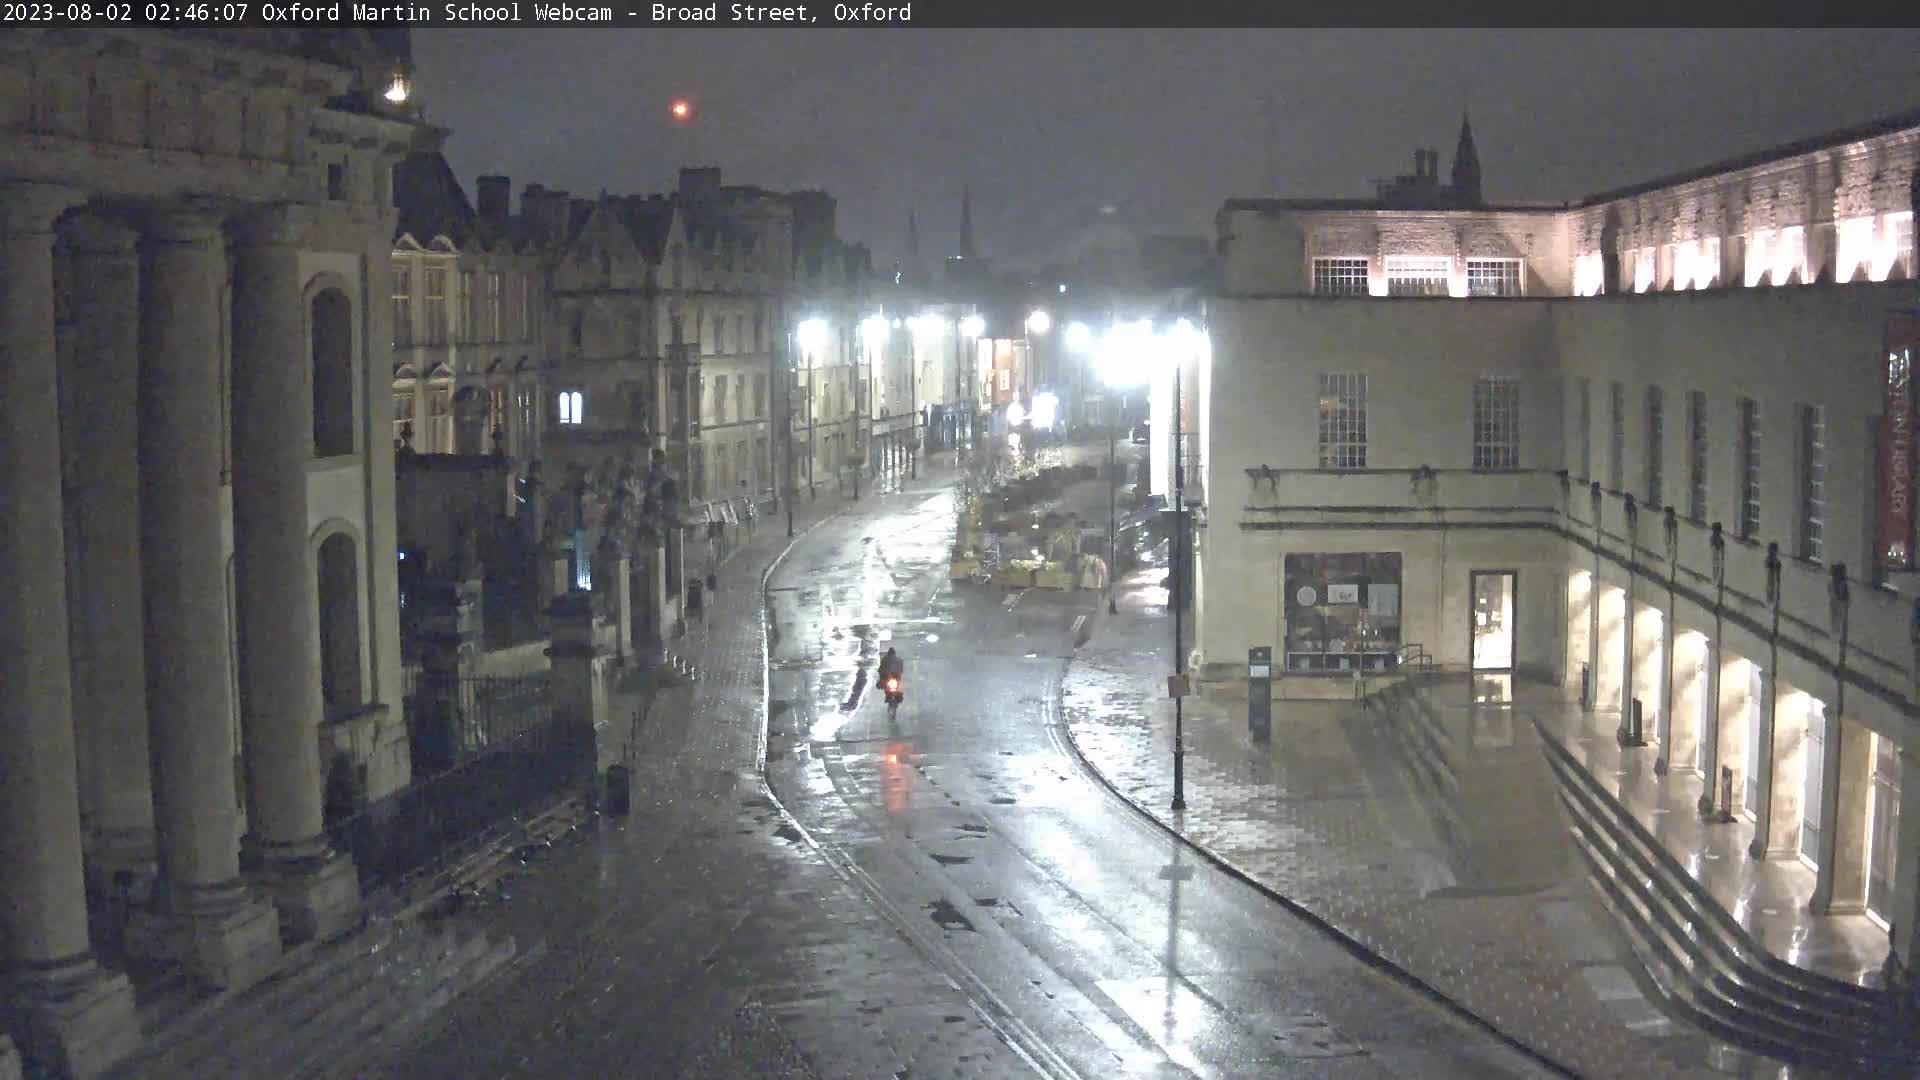 Oxford Sun. 02:46